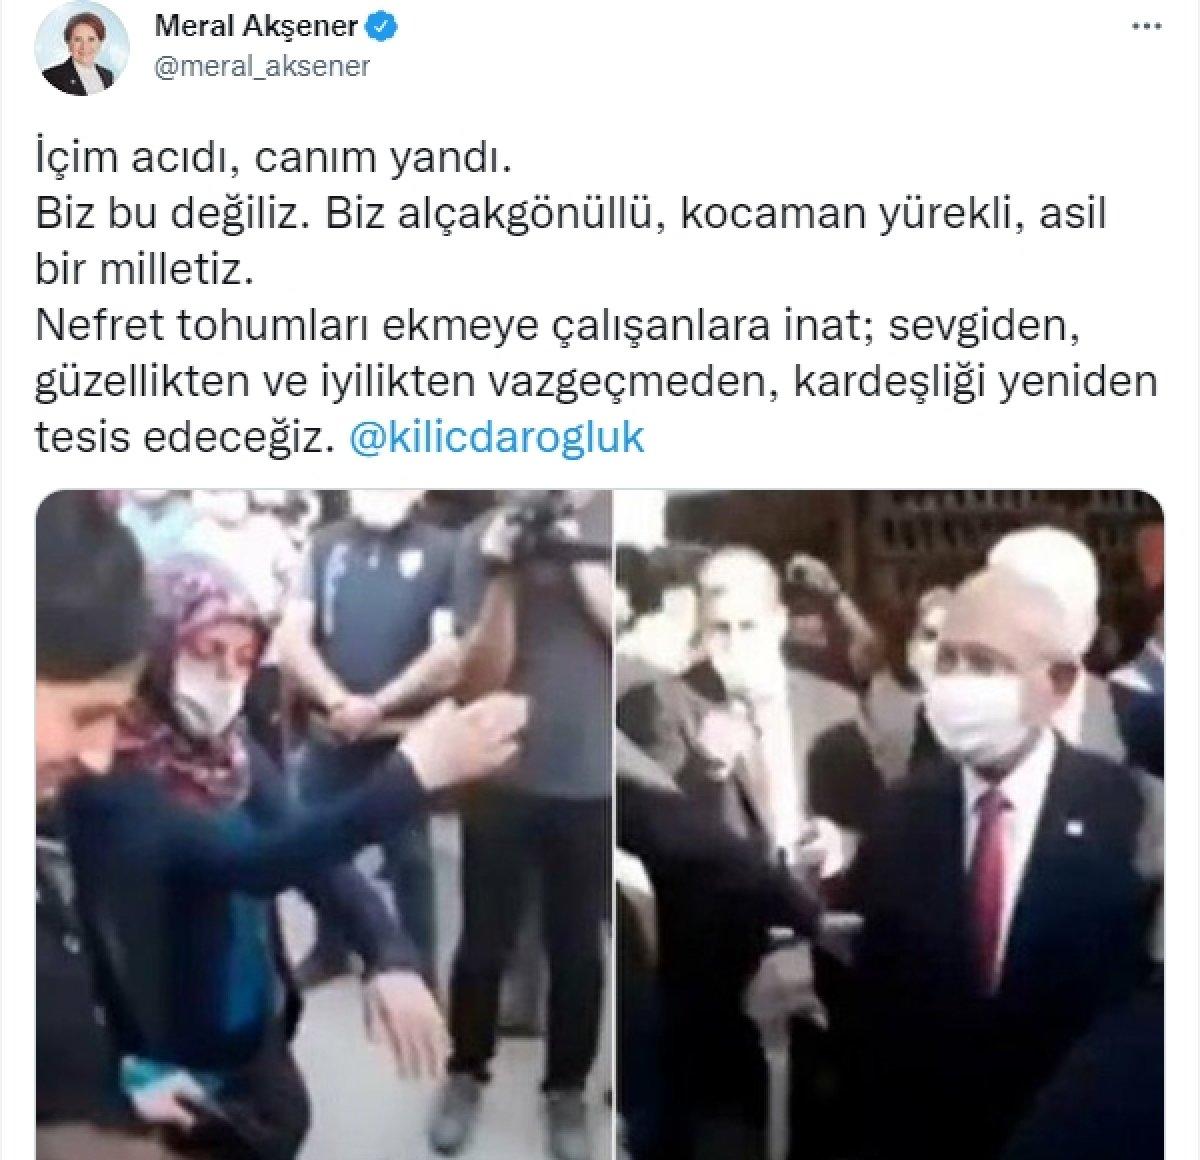 Meral Akşener den çocuğunu Kılıçdaroğlu ndan uzaklaştıran kadına tepki #1